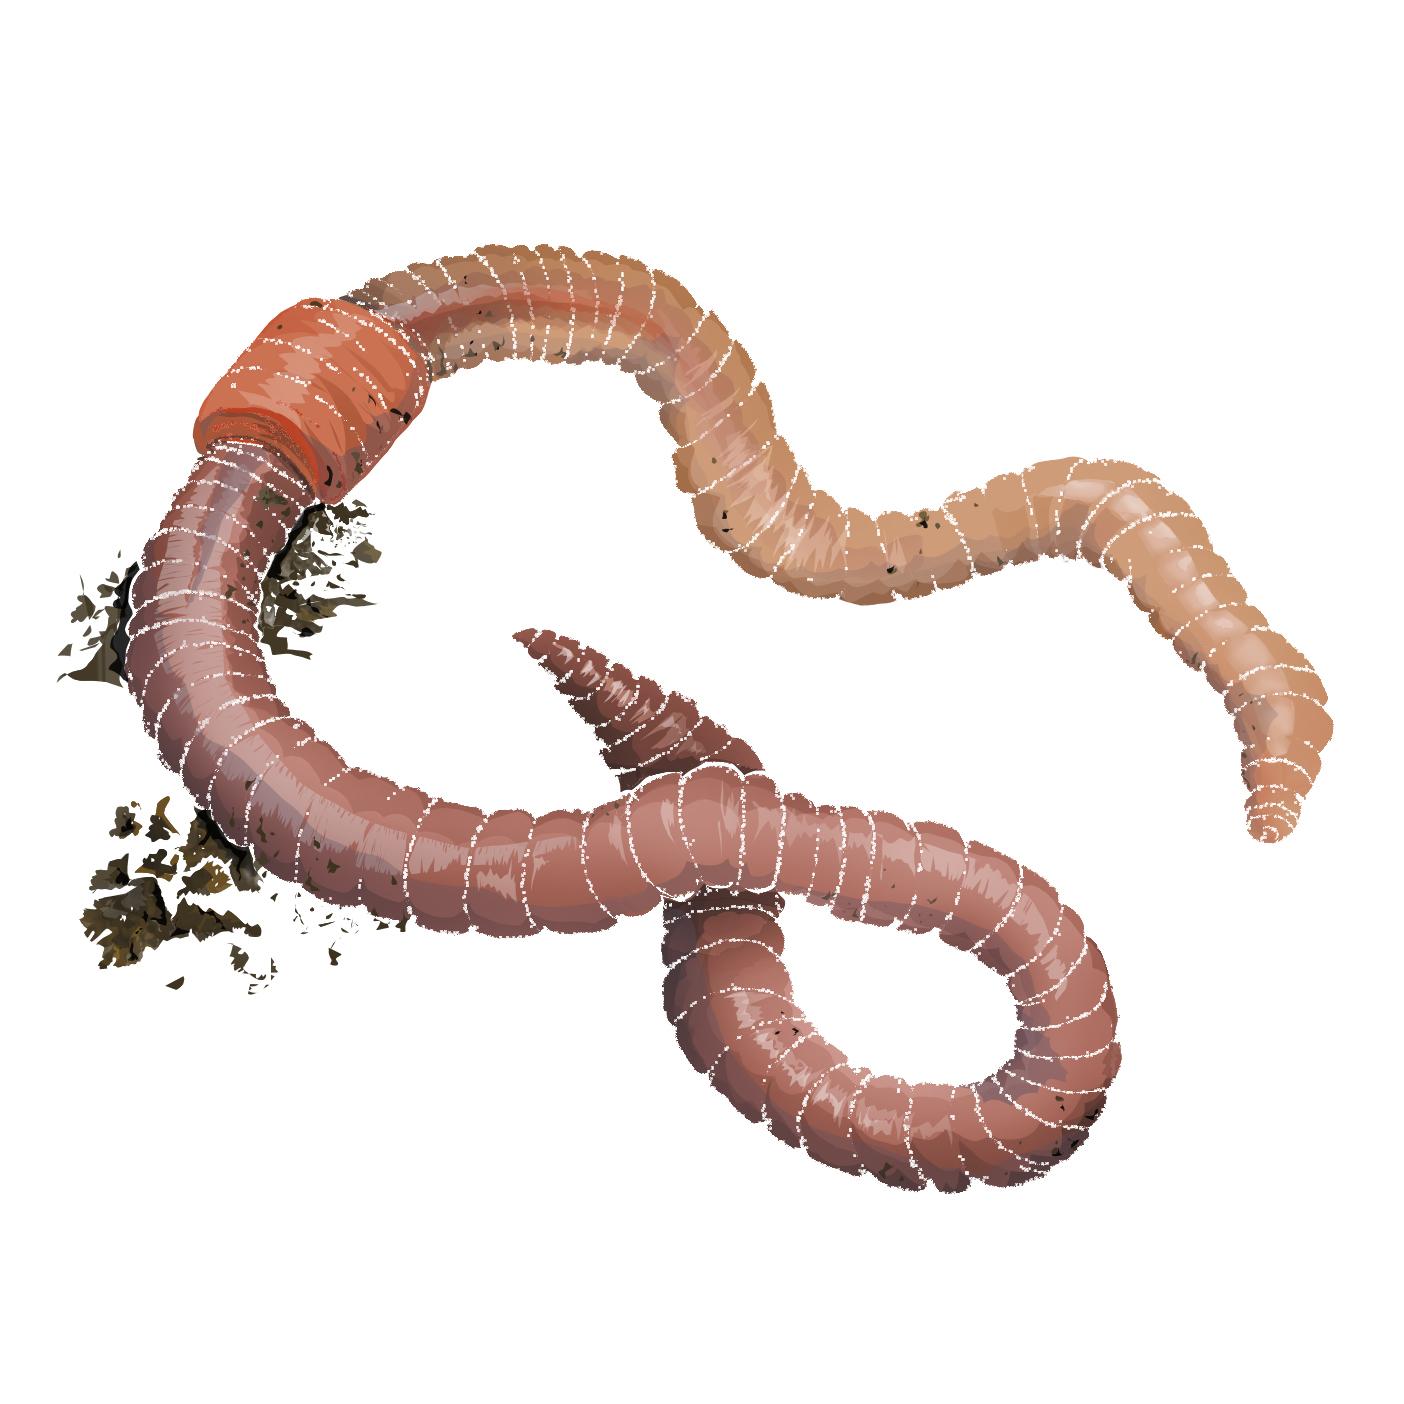 E - Earthworm